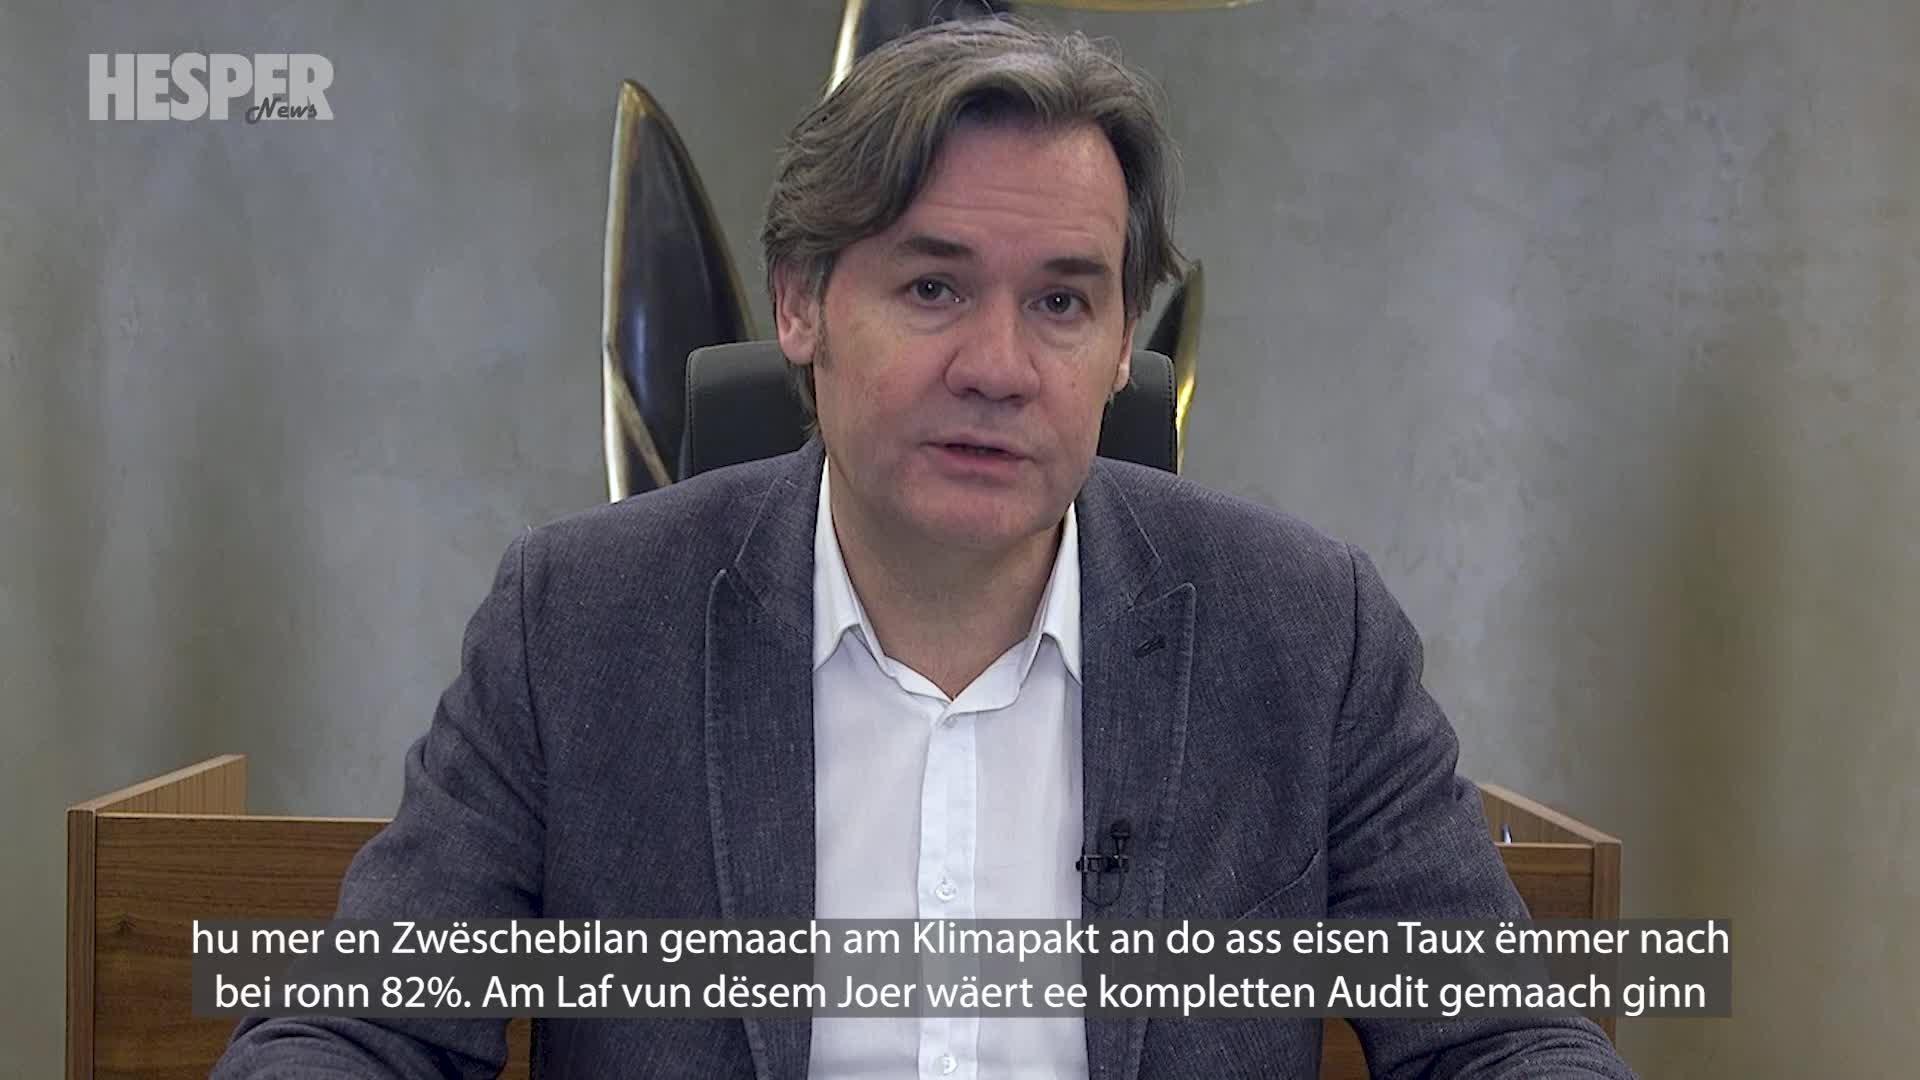 Hesper News 2021